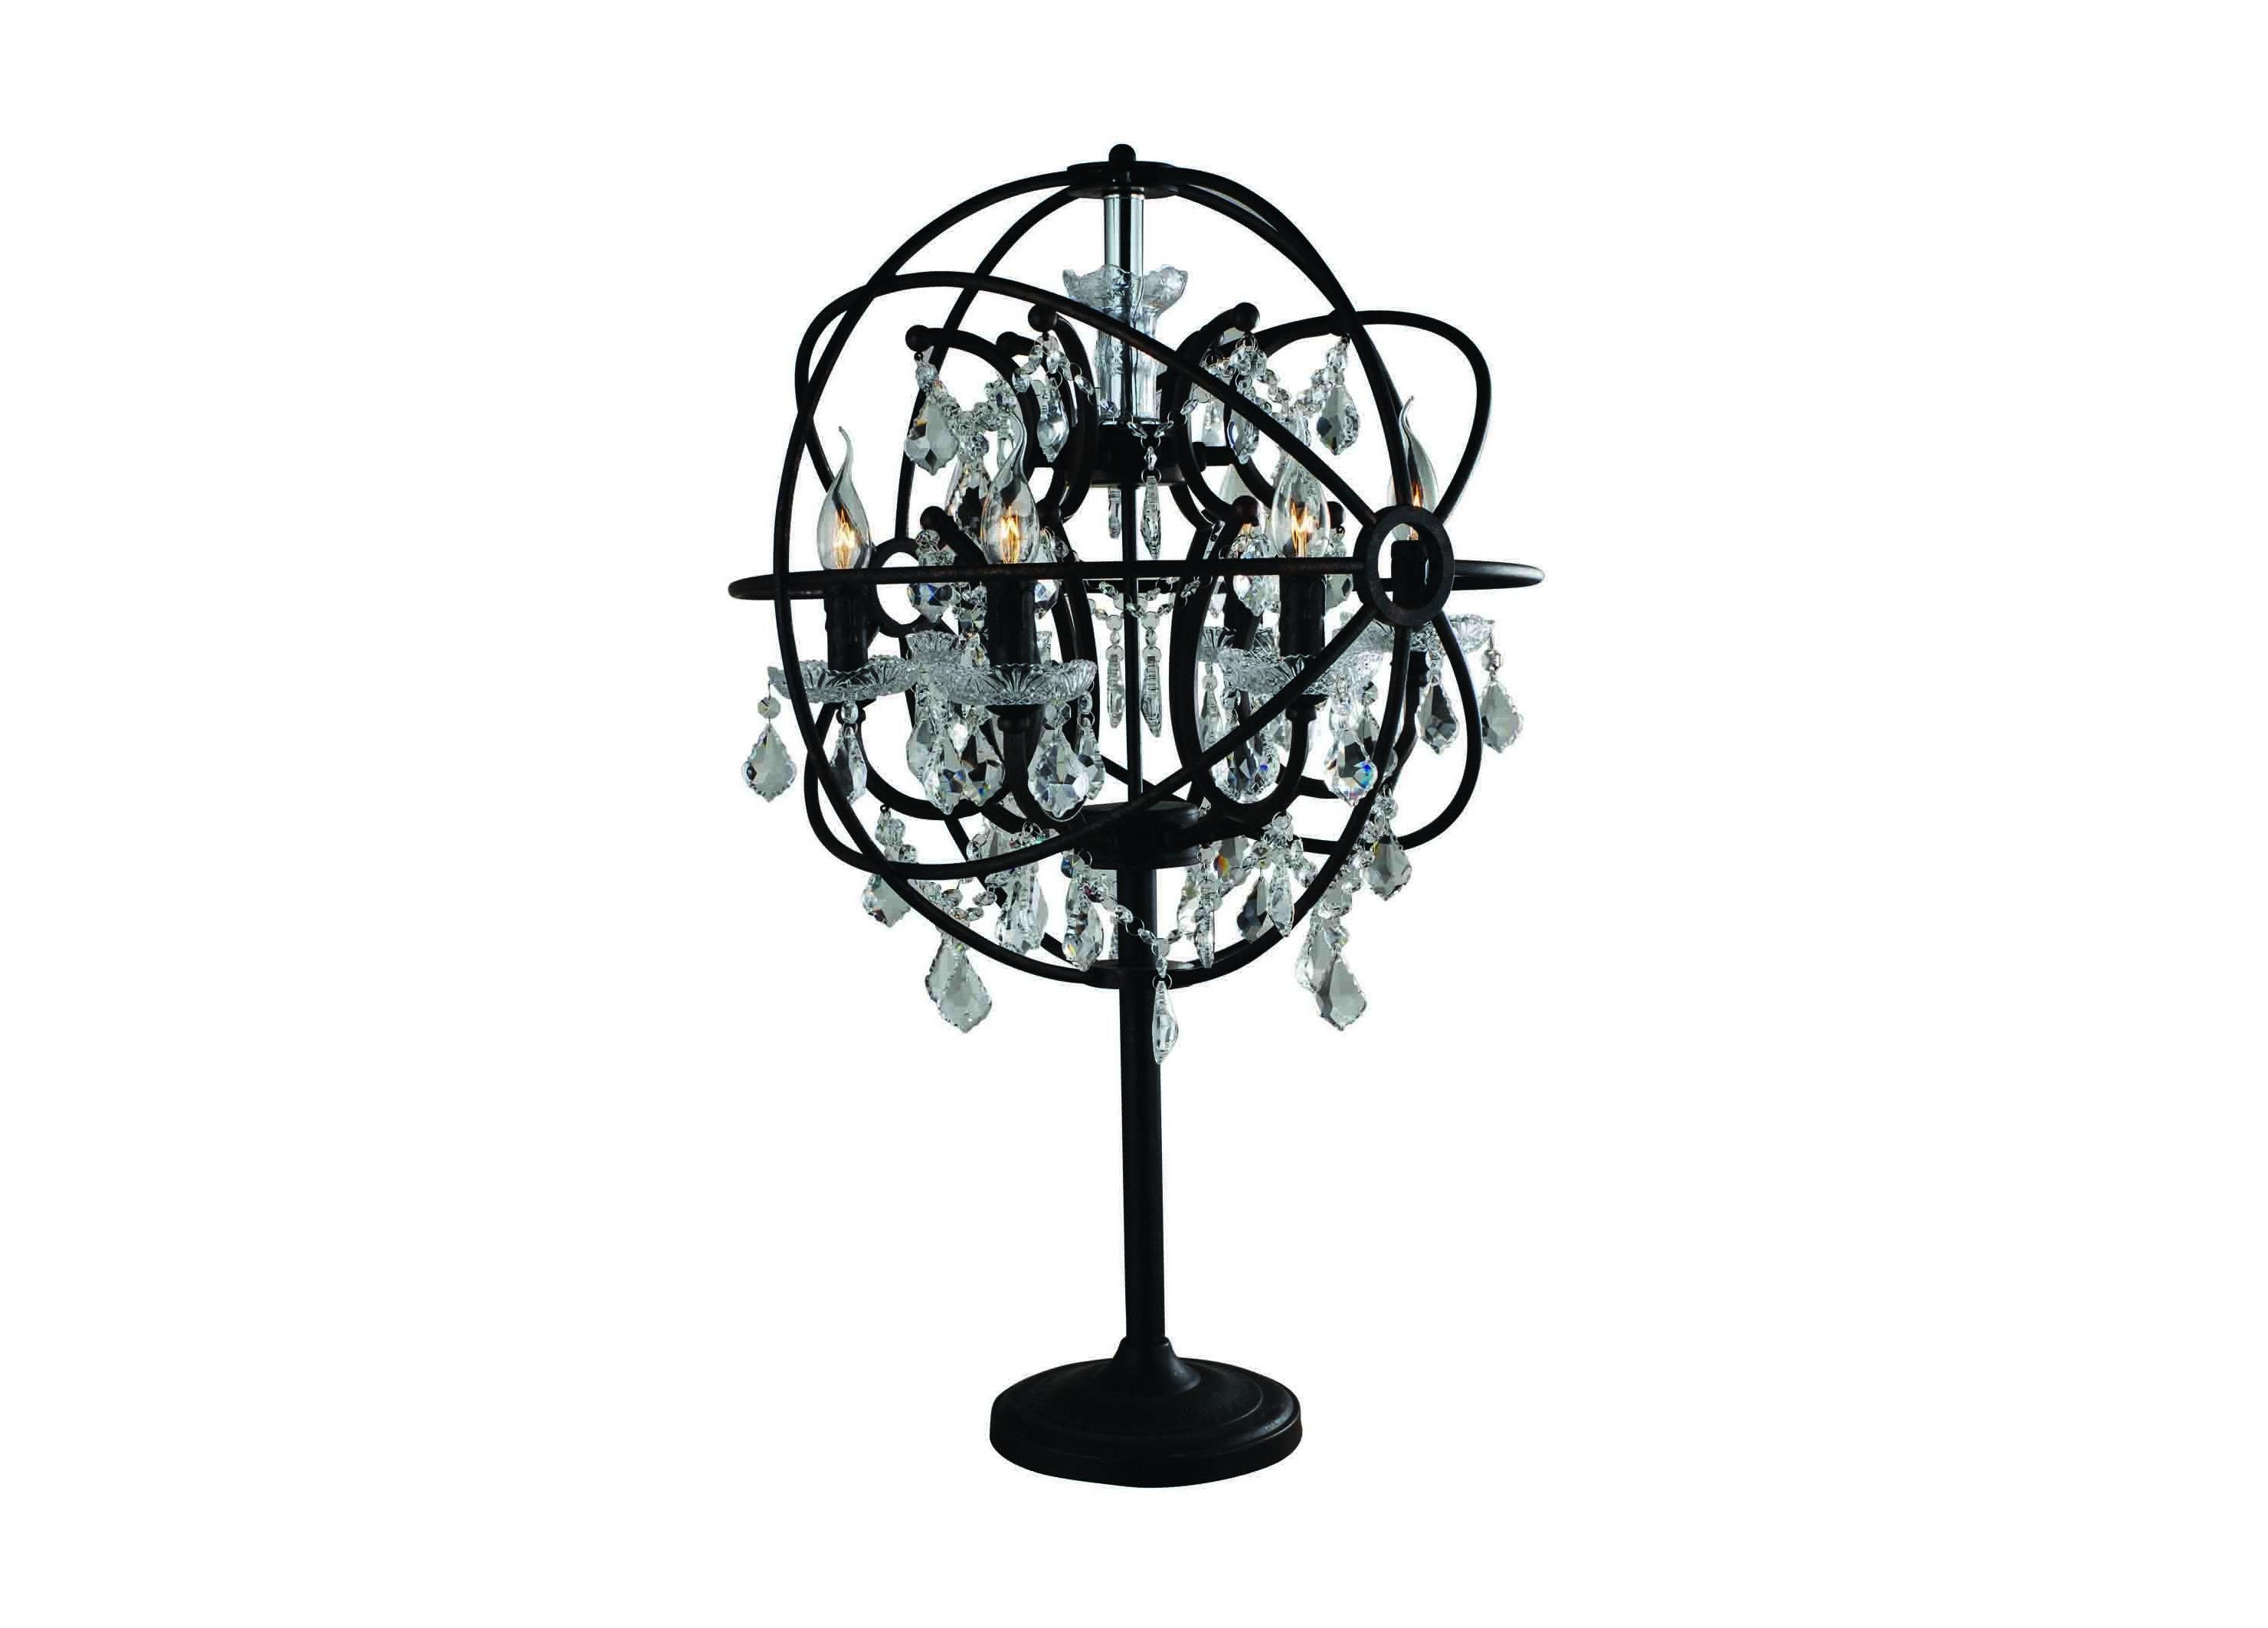 Настольная лампа Foucaults Orb CrystalДекоративные лампы<br>Настольная лампа Foucault&amp;#39;s Orb Crystal-T истинный шедевр, который великолепно впишется в роскошные апартаменты и подчеркнет изысканность интерьера.&amp;amp;nbsp;Четкие очертания наружного кольца скрывают внутри себя изящные, каплеобразные подвески. Оригинальная и элегантная лампа добавит изюминки и ретро шарма атмосфере Вашего интерьера.&amp;lt;div&amp;gt;&amp;lt;br&amp;gt;&amp;lt;/div&amp;gt;&amp;lt;div&amp;gt;Материал: металл, кристаллы.&amp;lt;/div&amp;gt;&amp;lt;div&amp;gt;&amp;lt;div&amp;gt;Количество ламп: 6.&amp;lt;/div&amp;gt;&amp;lt;div&amp;gt;Тип цоколя: Е14.&amp;lt;/div&amp;gt;&amp;lt;/div&amp;gt;&amp;lt;div&amp;gt;Мощность: 25W.&amp;lt;br&amp;gt;&amp;lt;/div&amp;gt;<br><br>Material: Металл<br>Высота см: 83